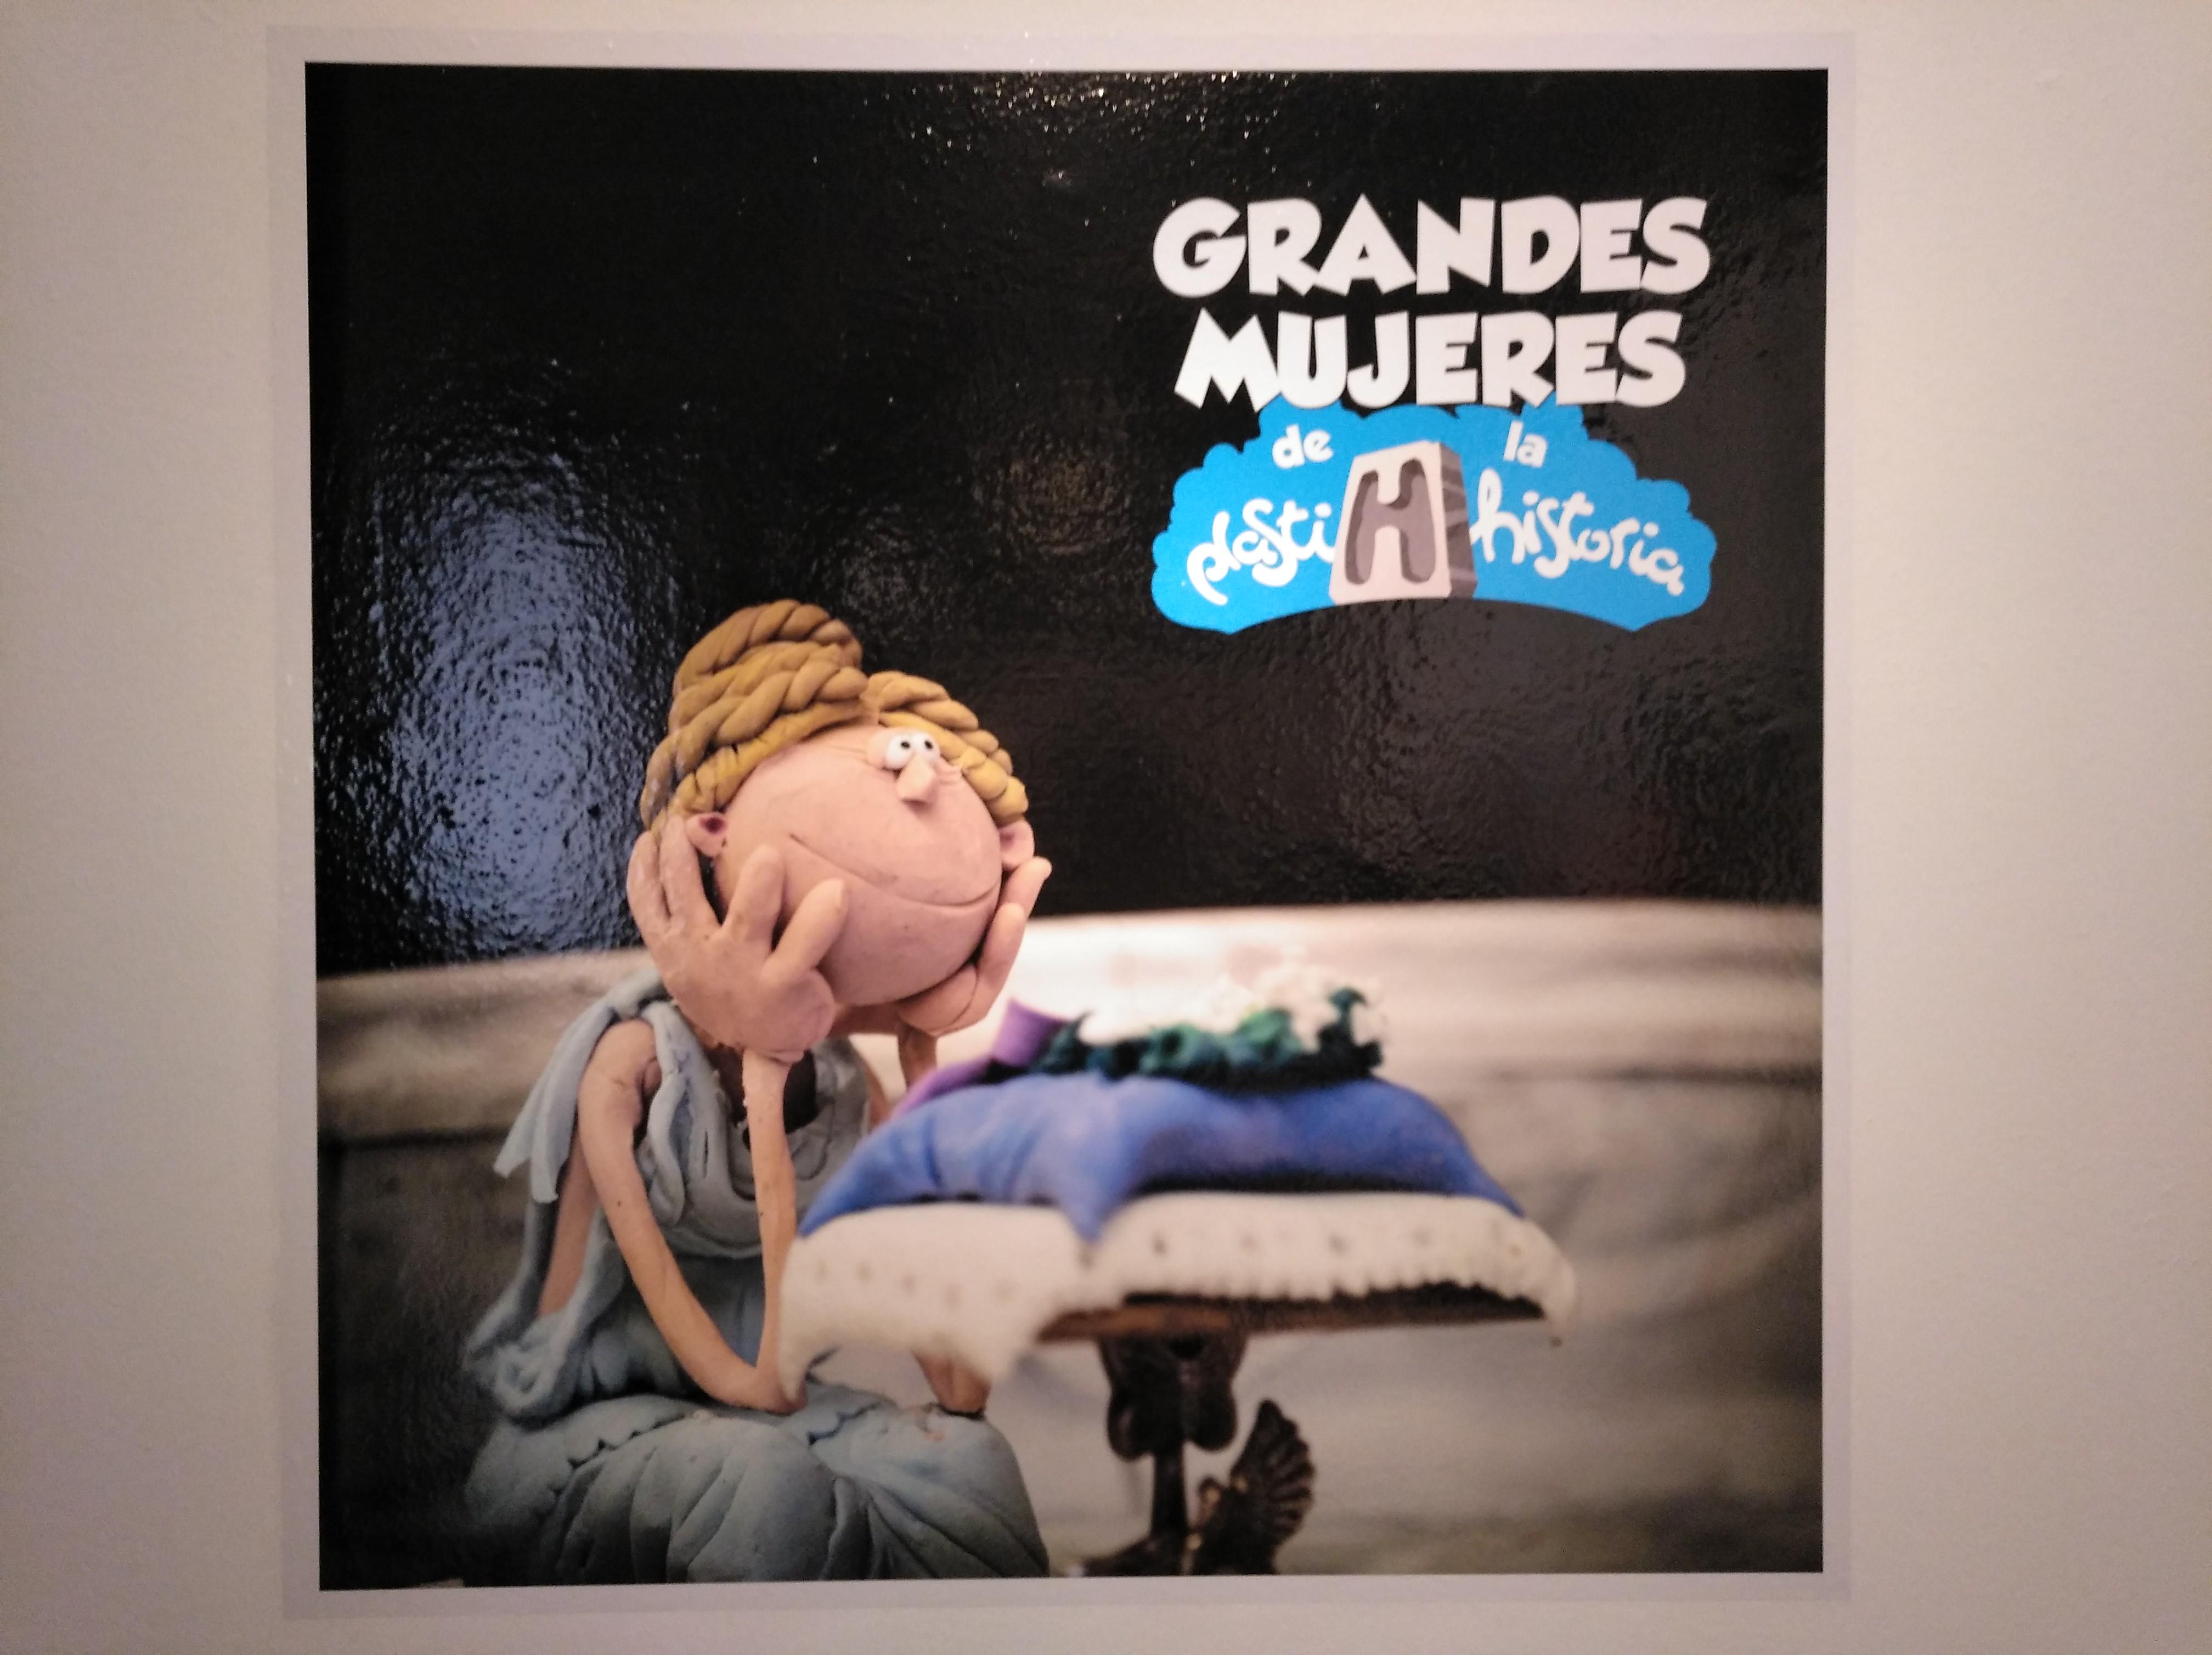 Exposición Grandes Mujeres de la Plastihistoria Del 11 de Julio al 06 de Septiembre de 2019 Diputación de Cadiz